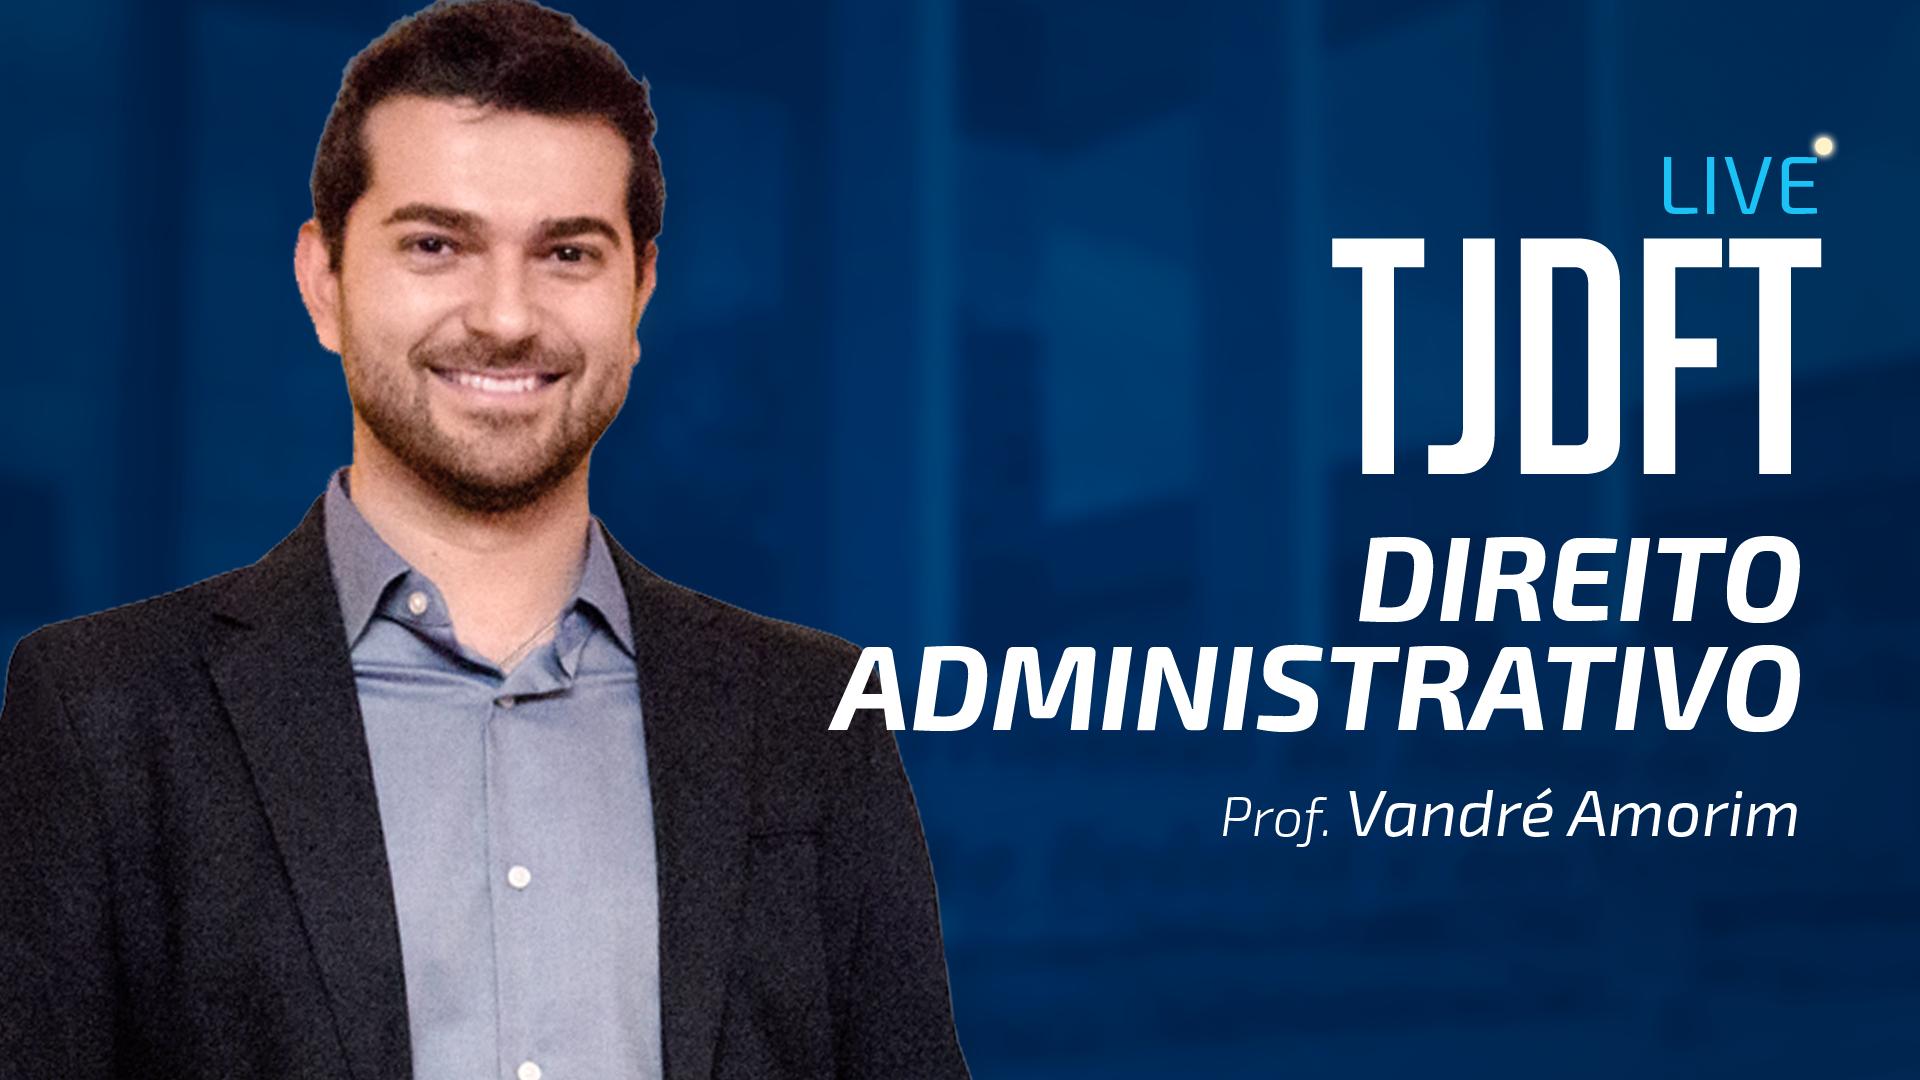 Semana de Jurisprudência TJDFT - Direito Administrativo